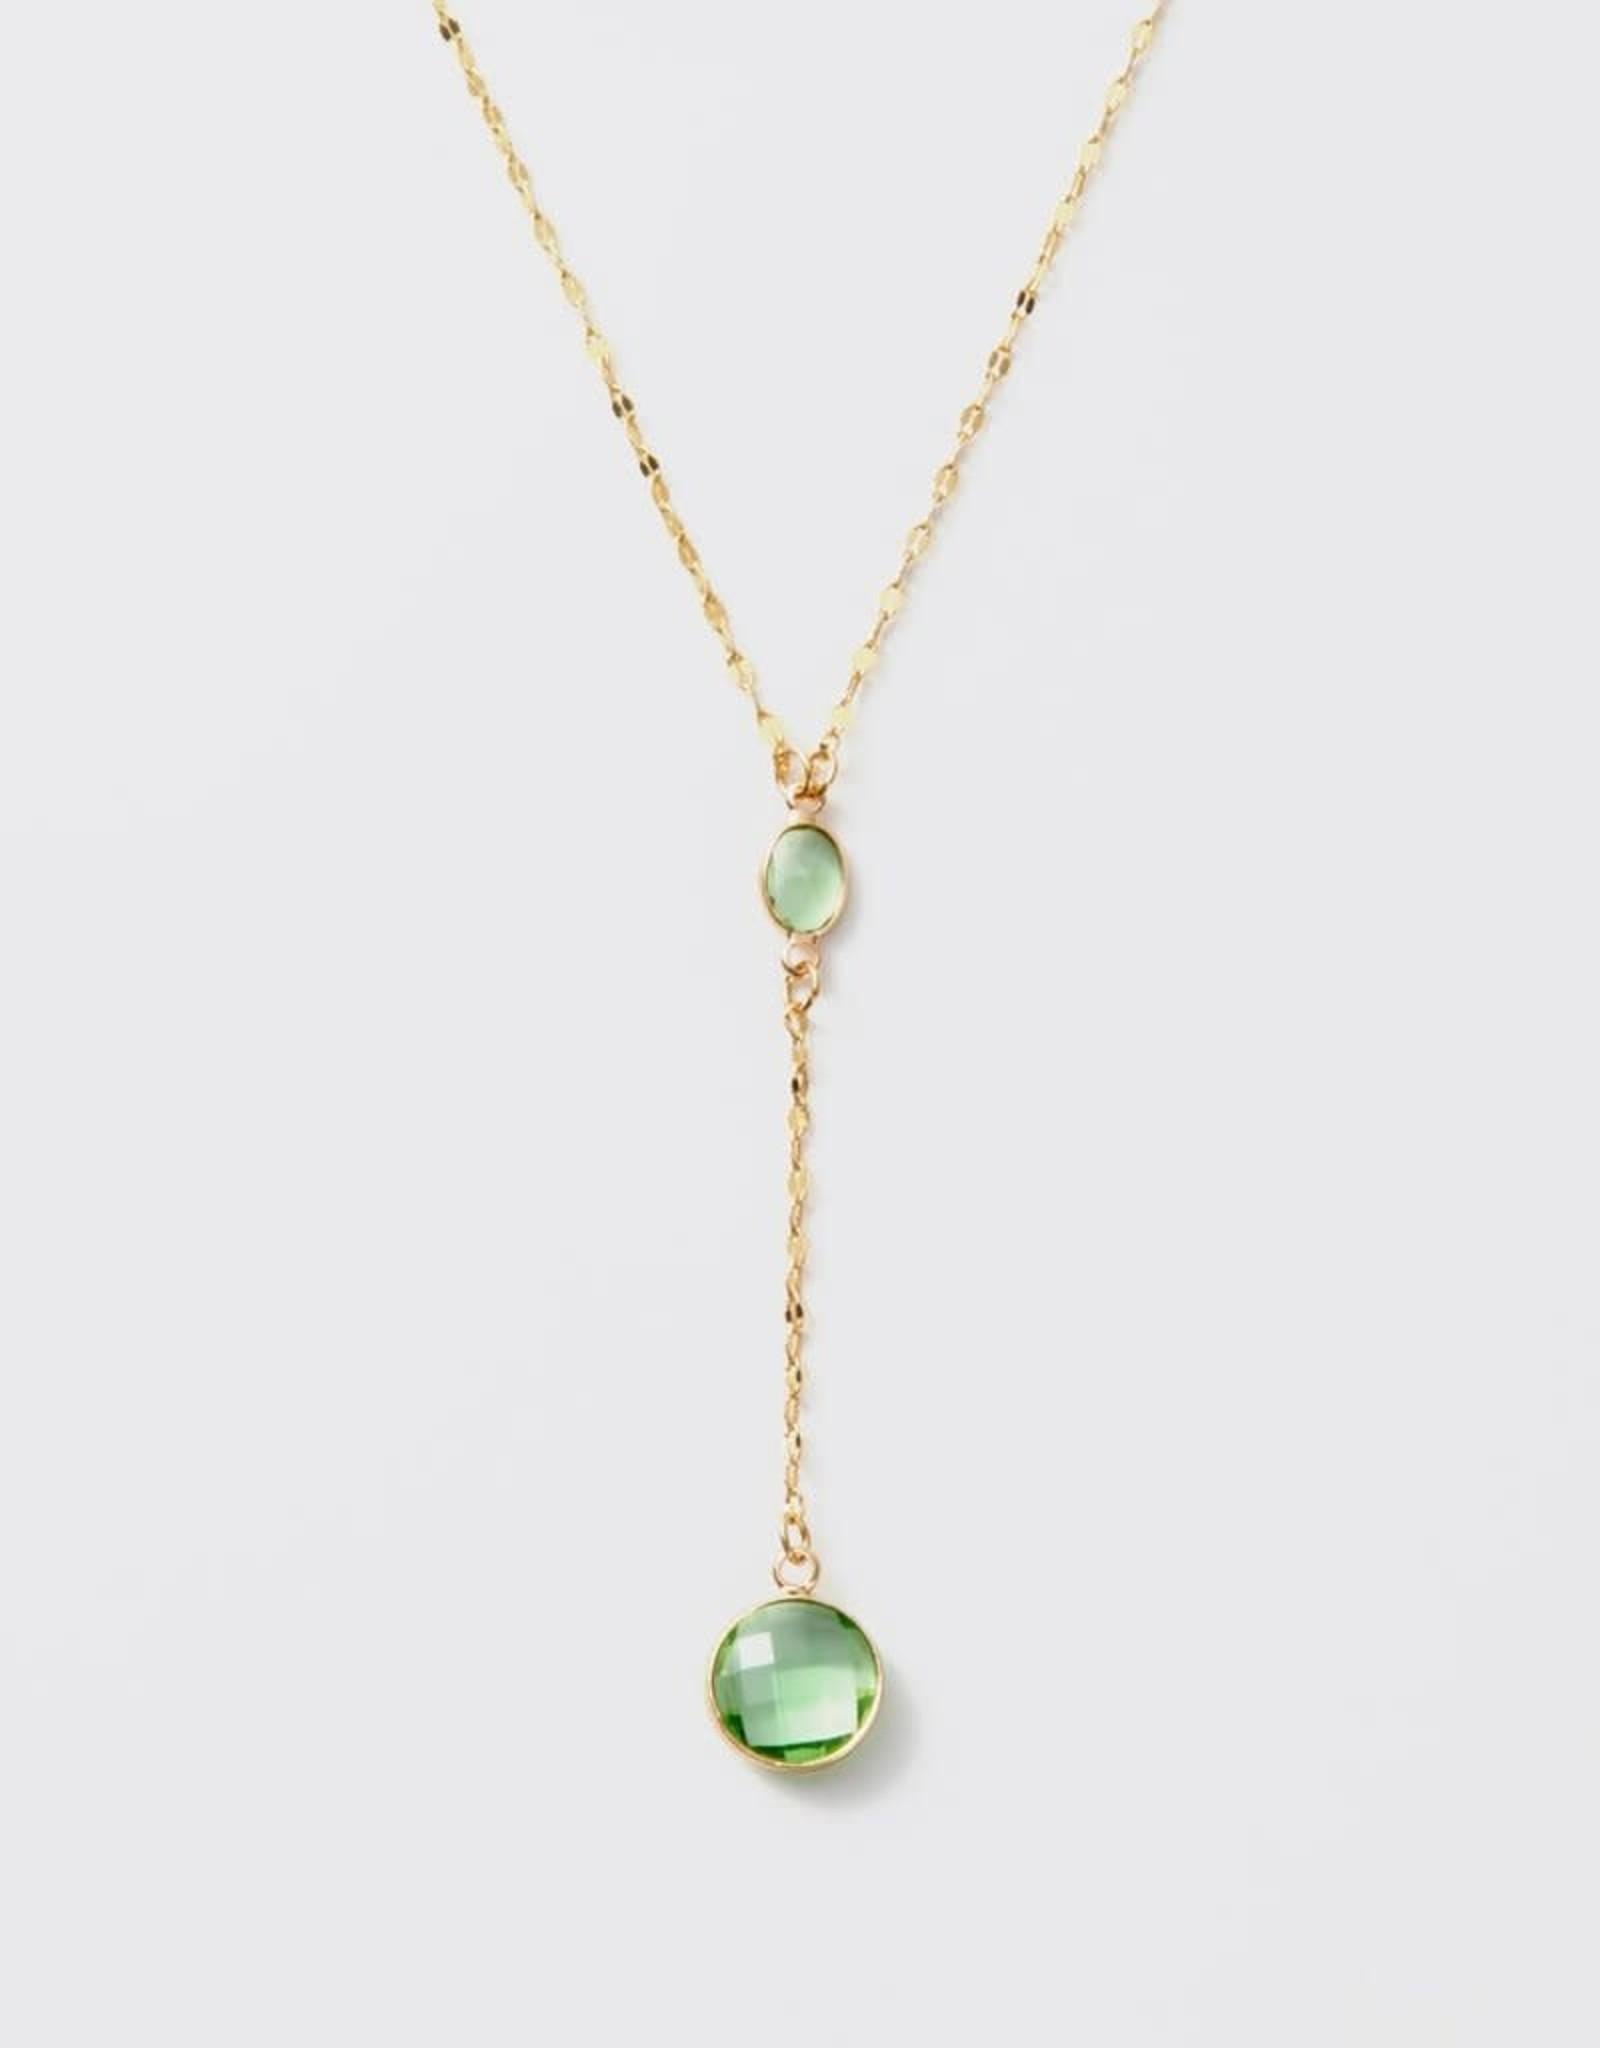 Melania Clara Luna Chroma Mint Necklace